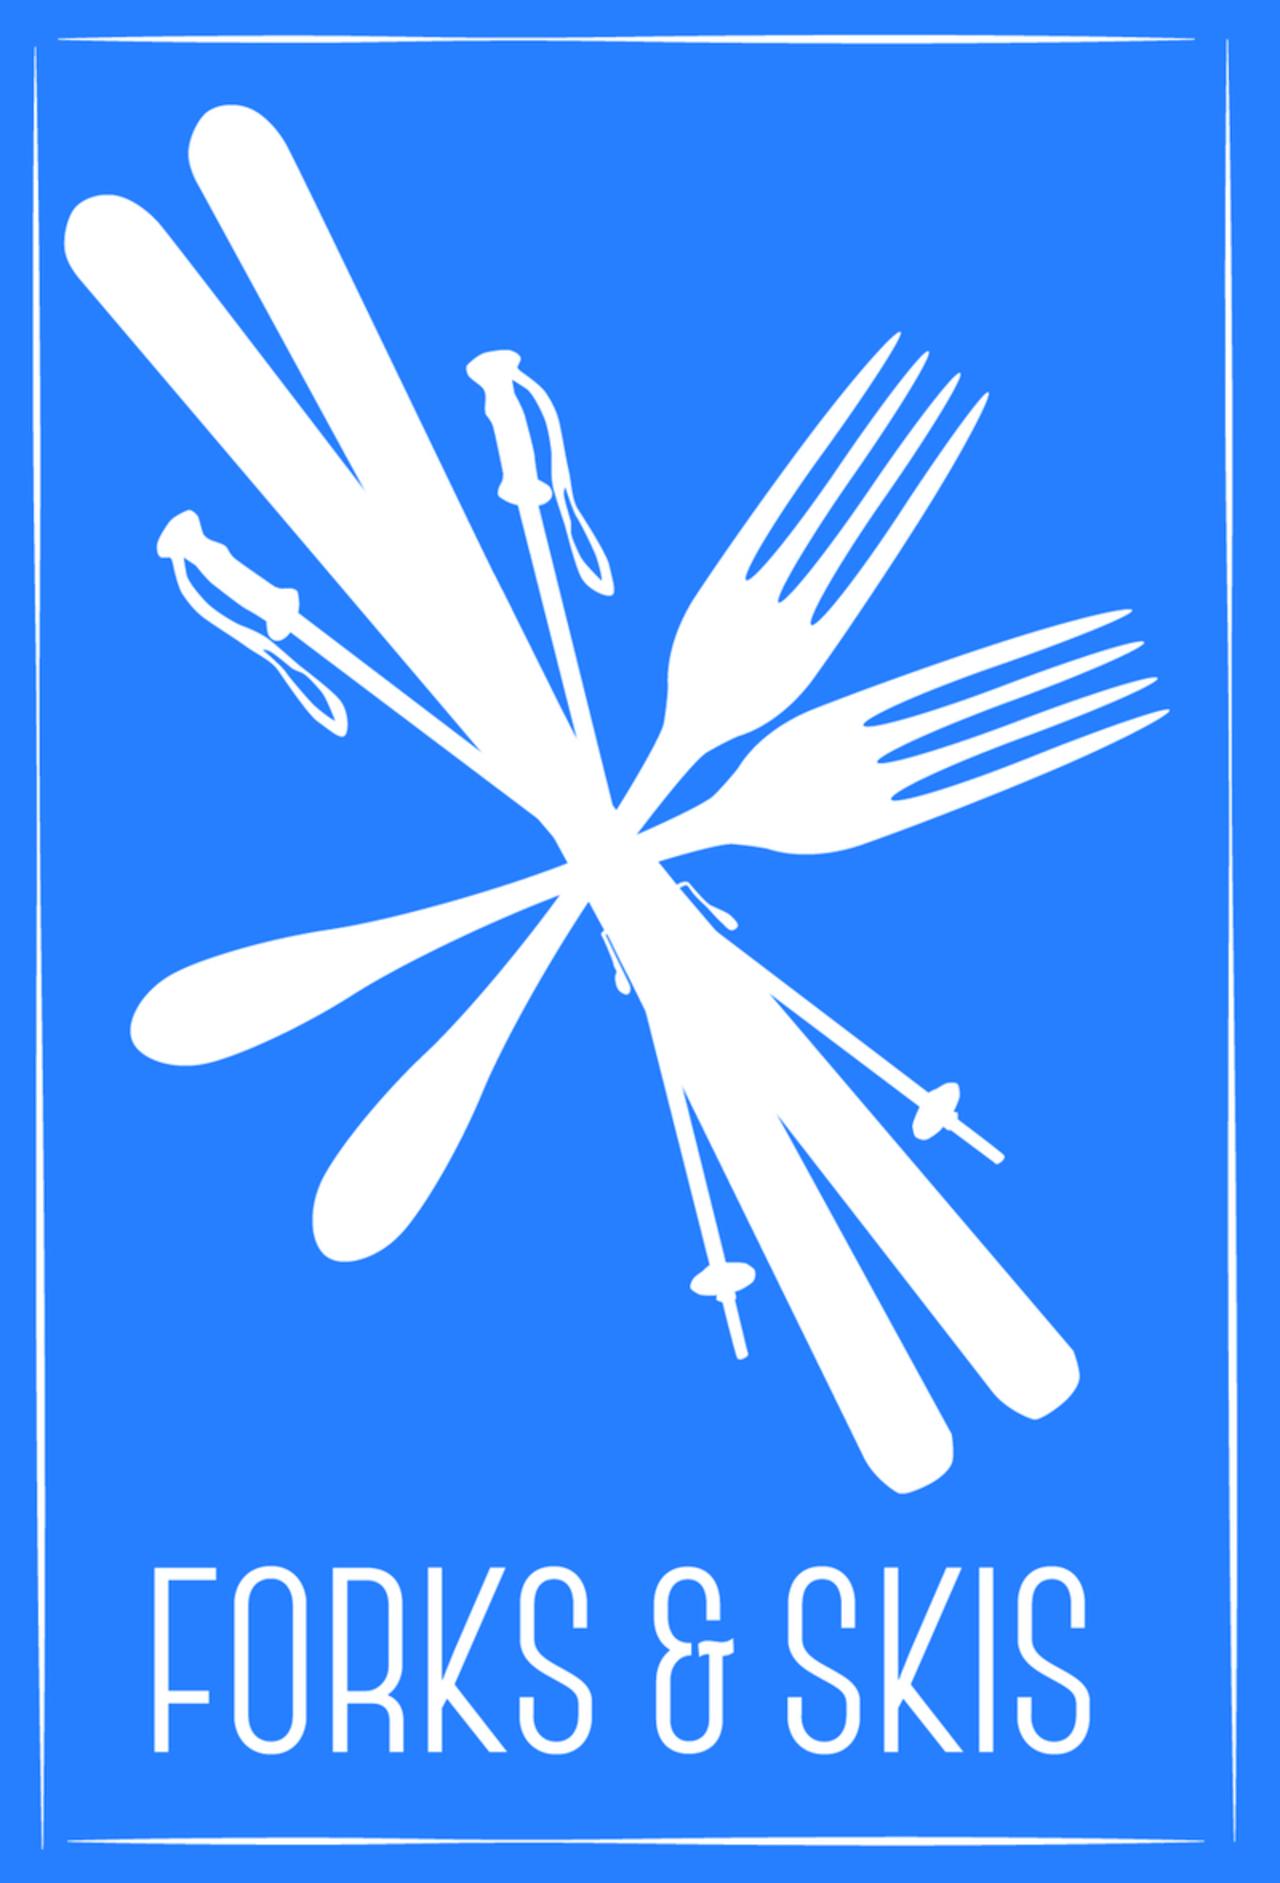 Forks & Skis 2021